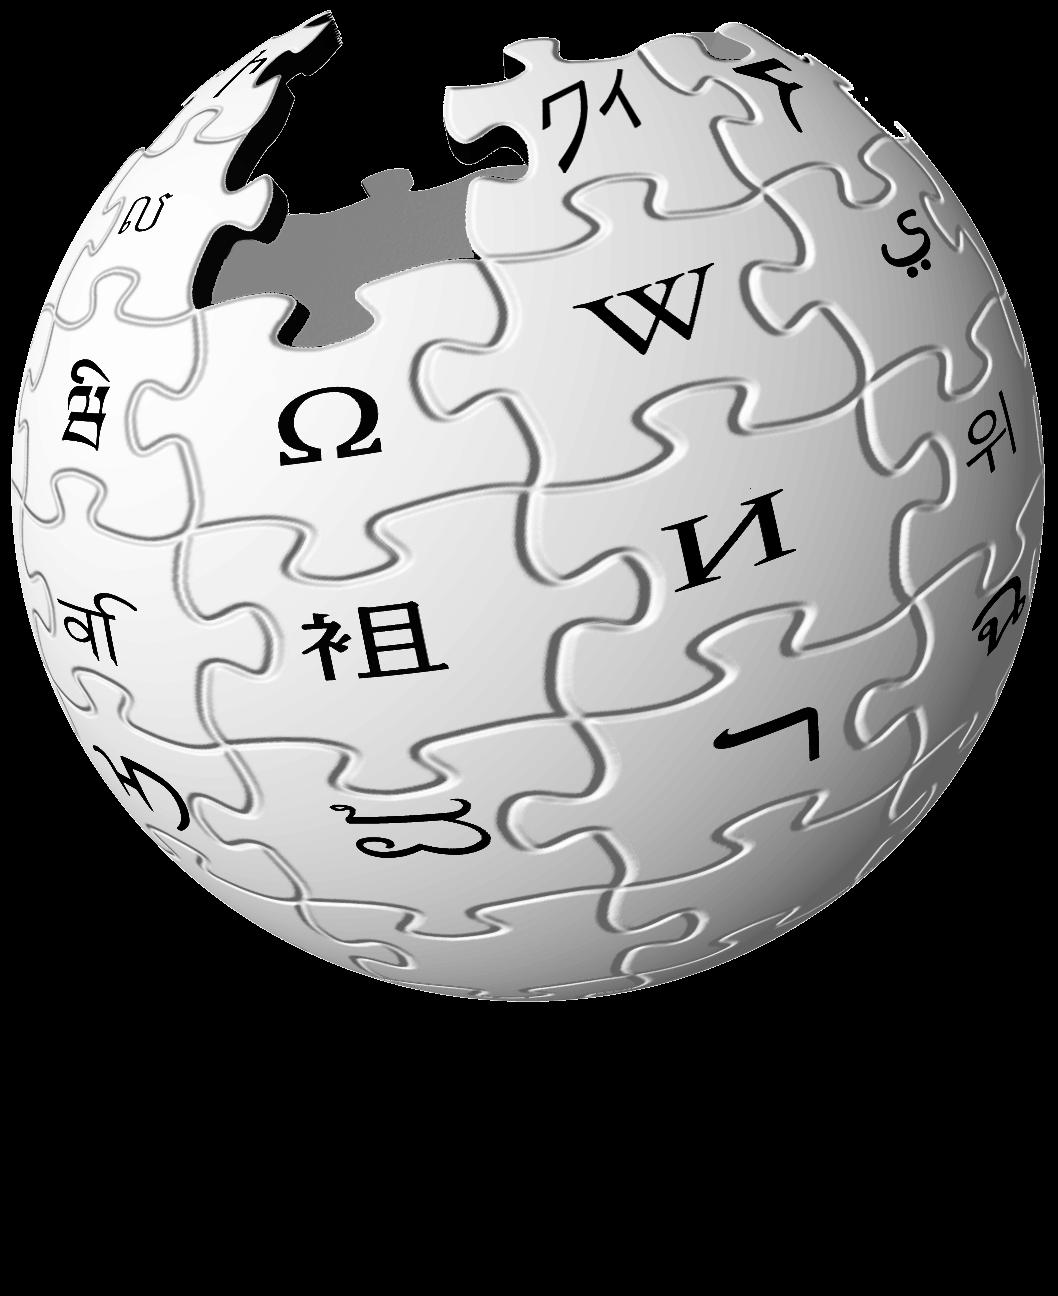 encyclopedie libre